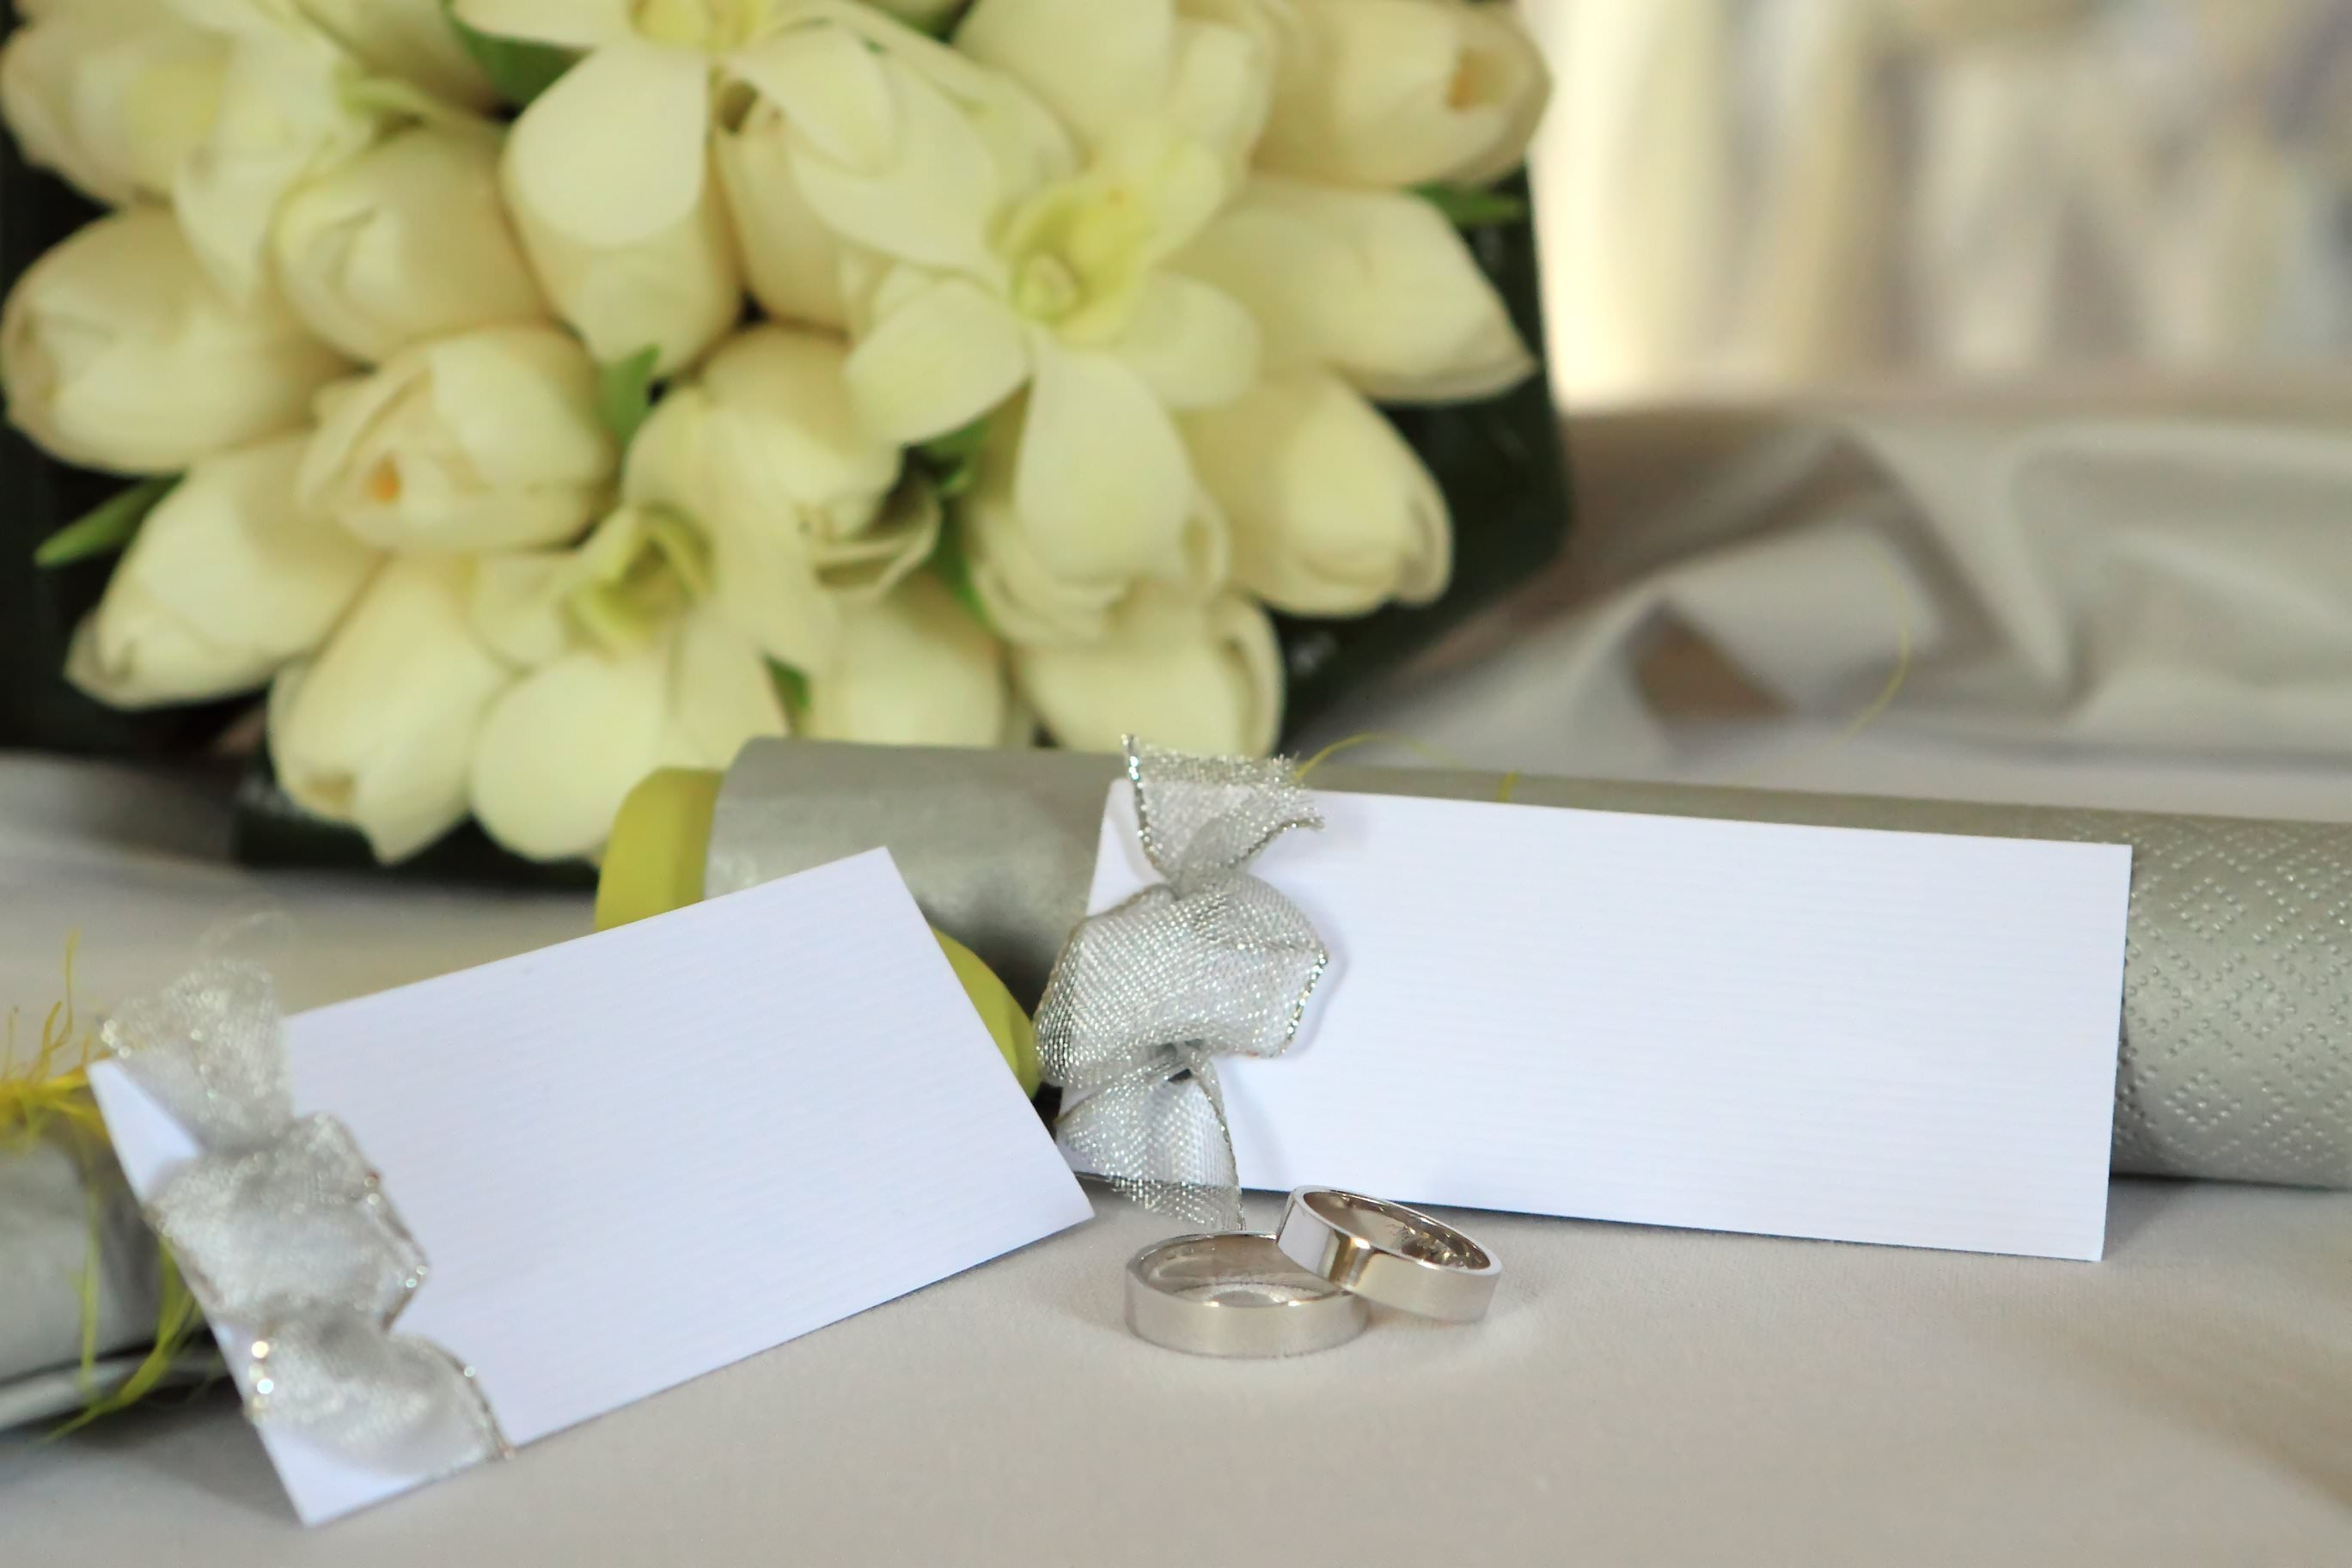 Matrimonio In Rissa Piacenza : Calci e pugni matrimonio finisce in rissa a caltanissetta